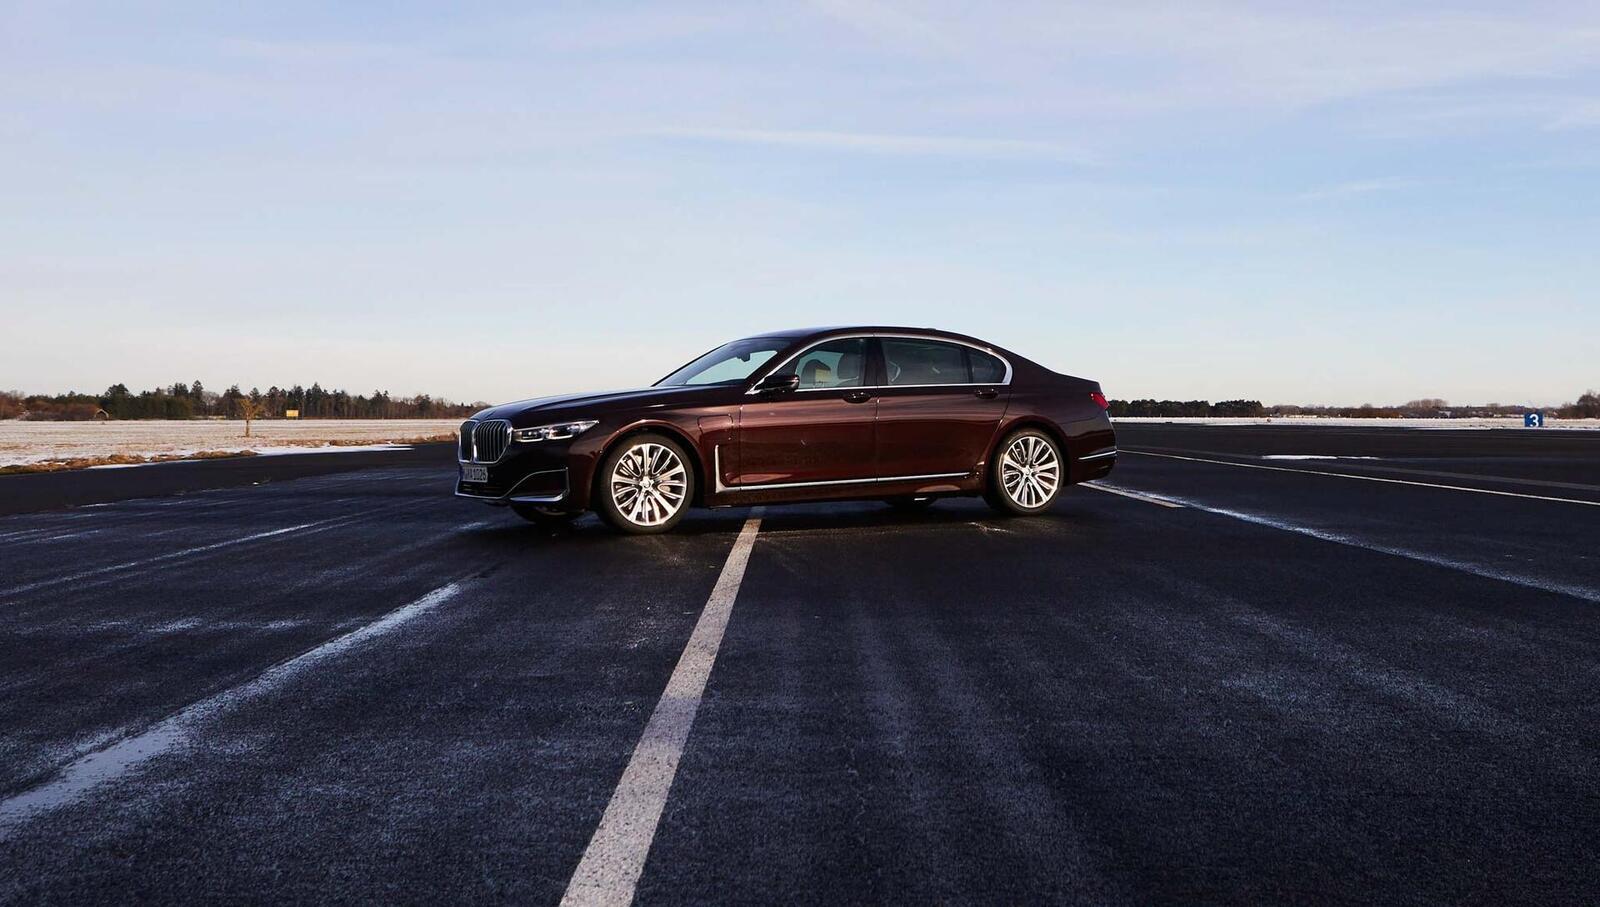 BMW giới thiệu 7 Series PHEV 2020 mới; lắp động cơ 3.0L mới thay chế cho 2.0L cũ - Hình 15